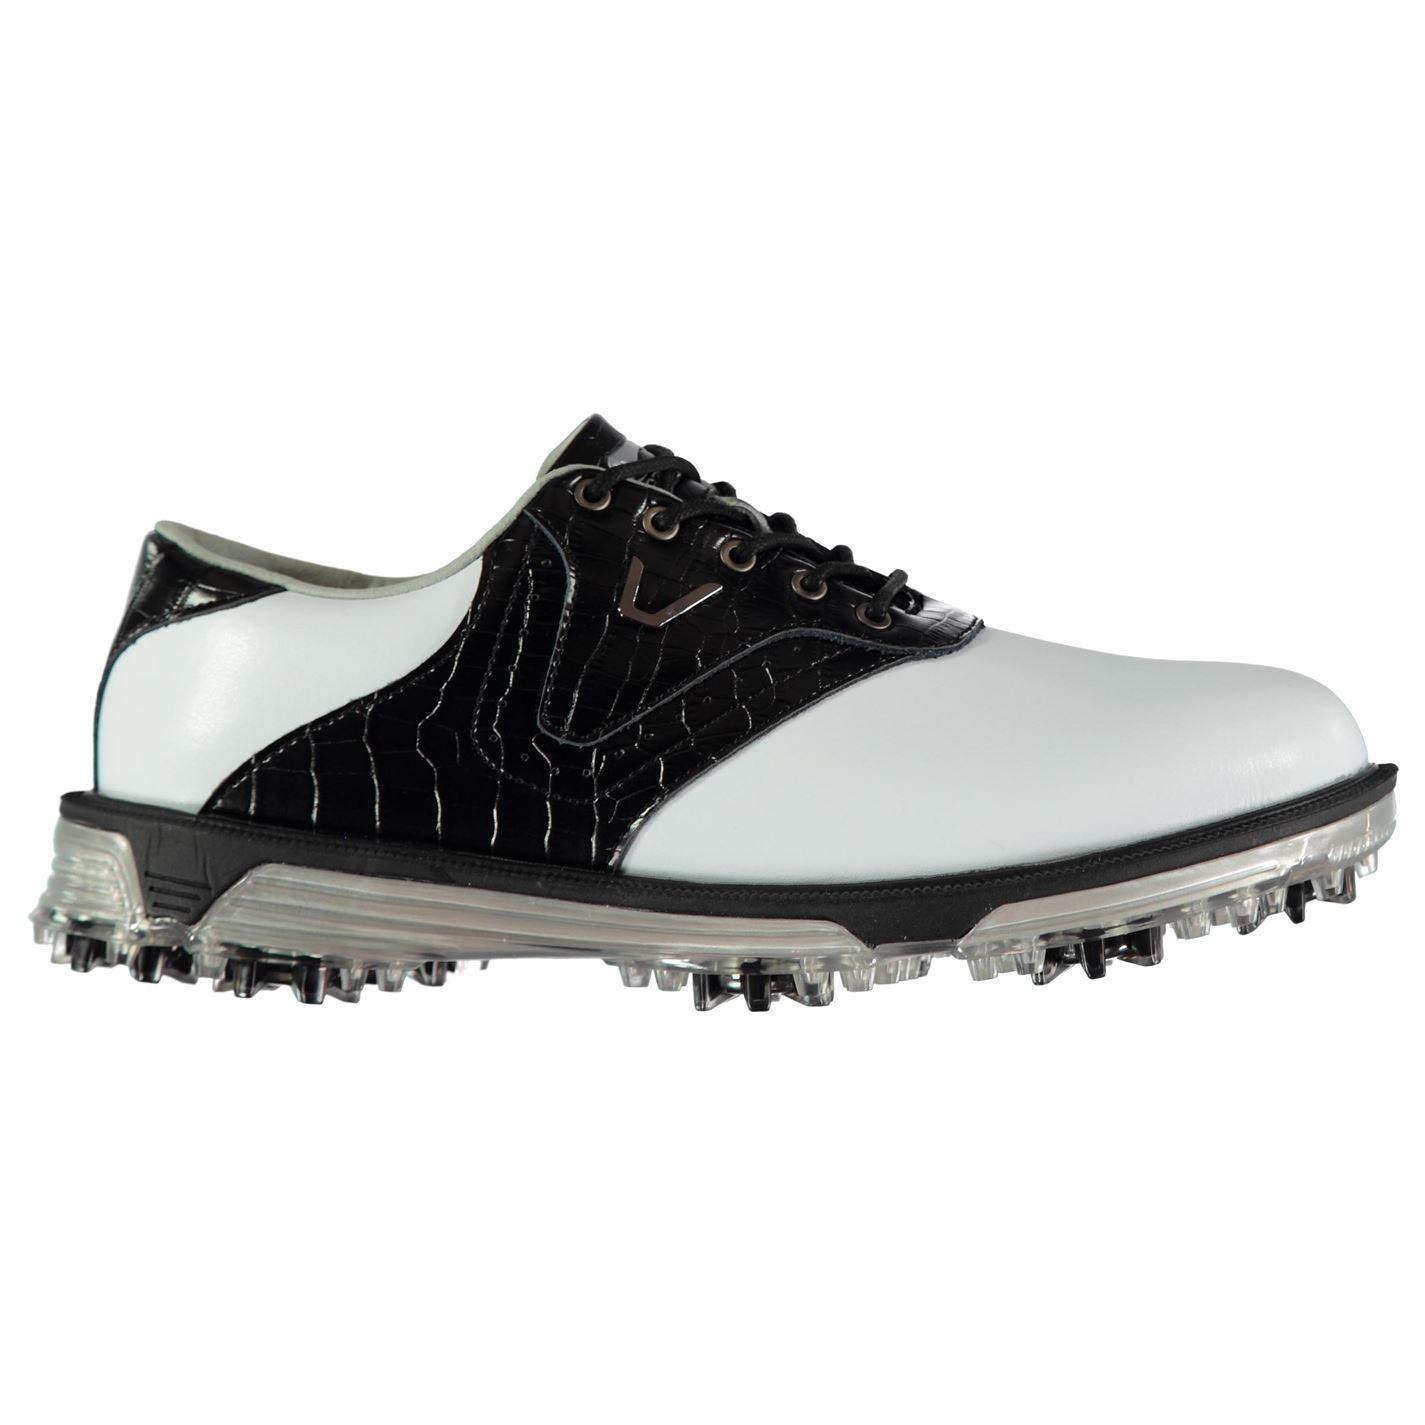 Slazenger-V500-Golf-Shoes-Mens-Spikes-Footwear thumbnail 15